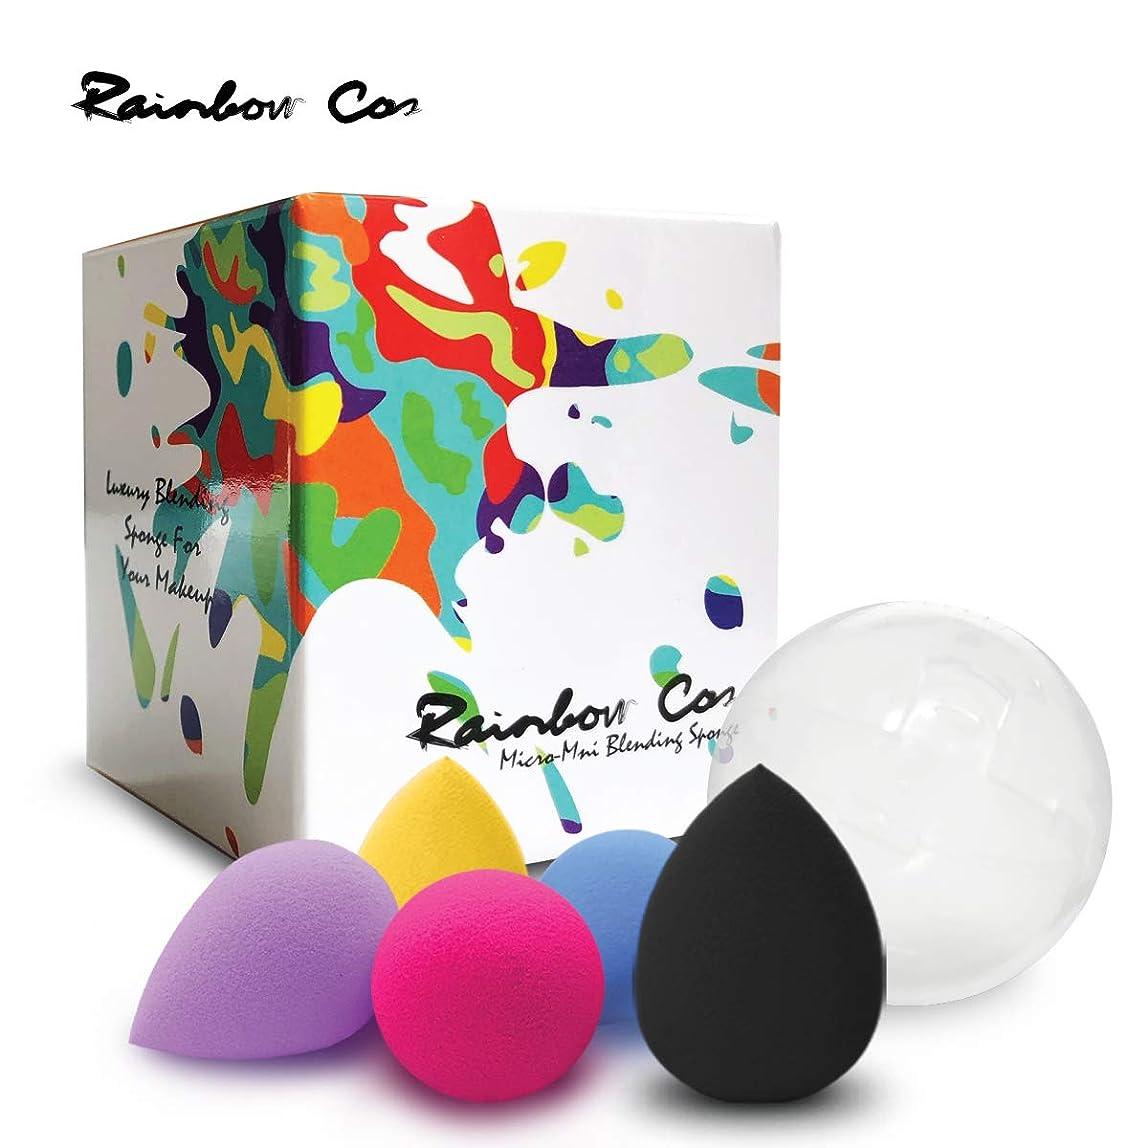 博覧会減衰村Rainbow Cos 5 PCS Micro Mini Makeup Blender Beauty Sponge set, Foundation Blending Sponge,Flawless for Liquid, Creams, and Powders,Multi Color Makeup Sponges Latex Free.ミニサイズ しずく型メイクスポンジ 5個入りセット ファンデーションスポンジ 非ラテックス 乾湿兼用メイクスポンジ